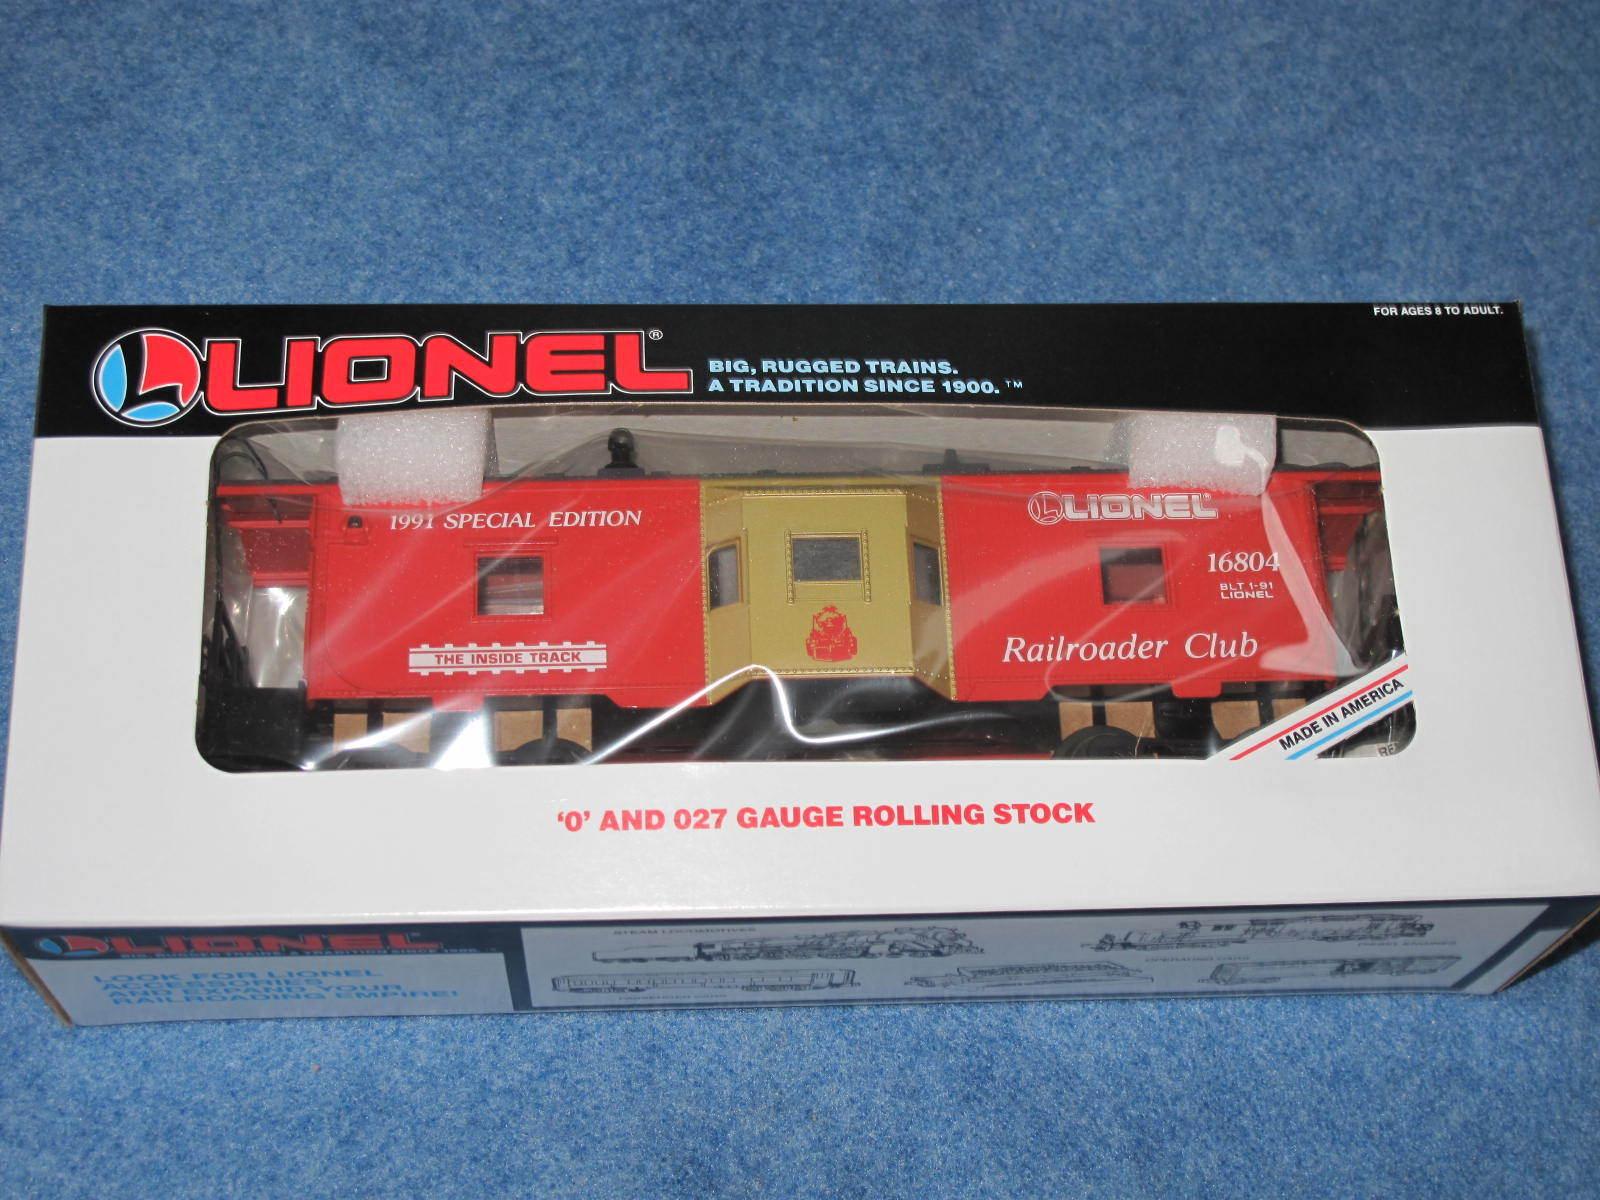 1991 Lionel 6-16804 Lionel Railroader Club Bay Window Caboose Nuovo in Box L2301